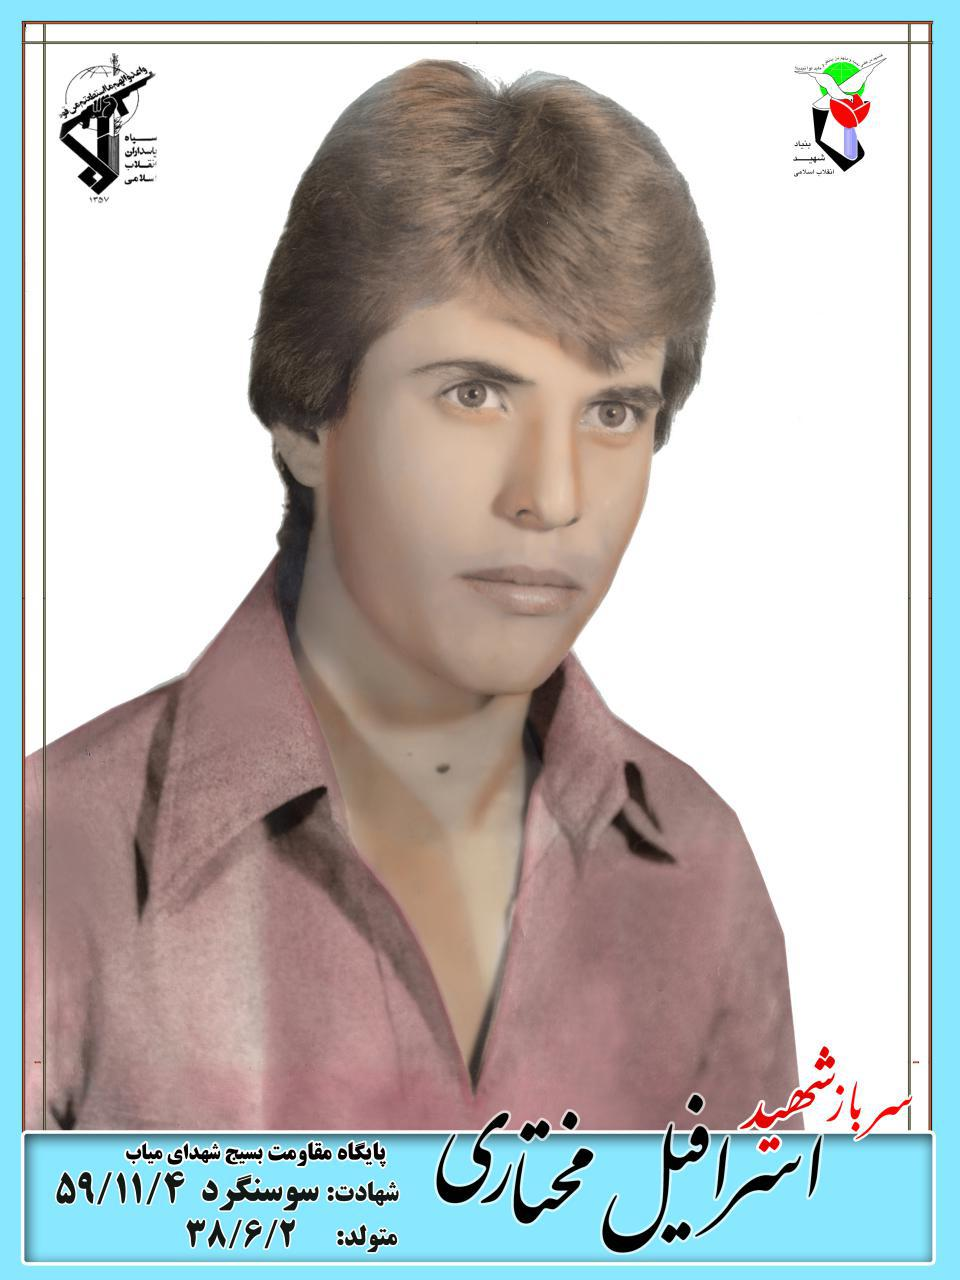 شهید نیروی هوایی پایگاه دوم شکاری تبریز اسرافیل مختاری مرند